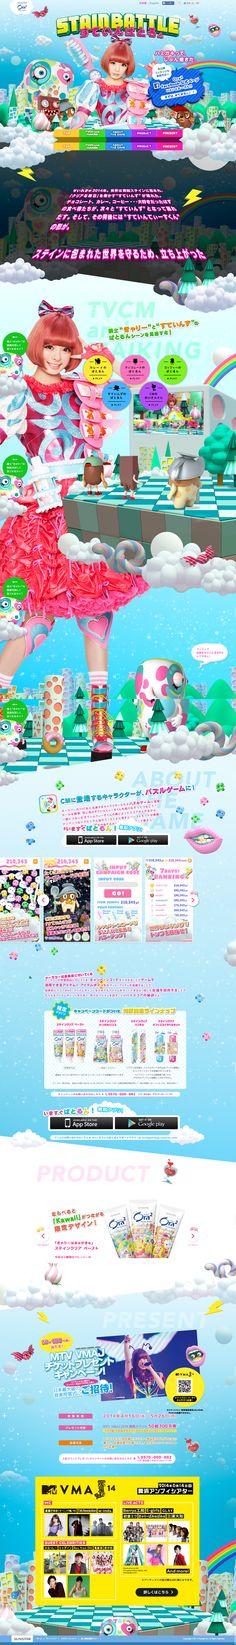 オーラ2 http://www.ora2-kawaii.com/ 2014年で5本の指に入るカモ(・_・)